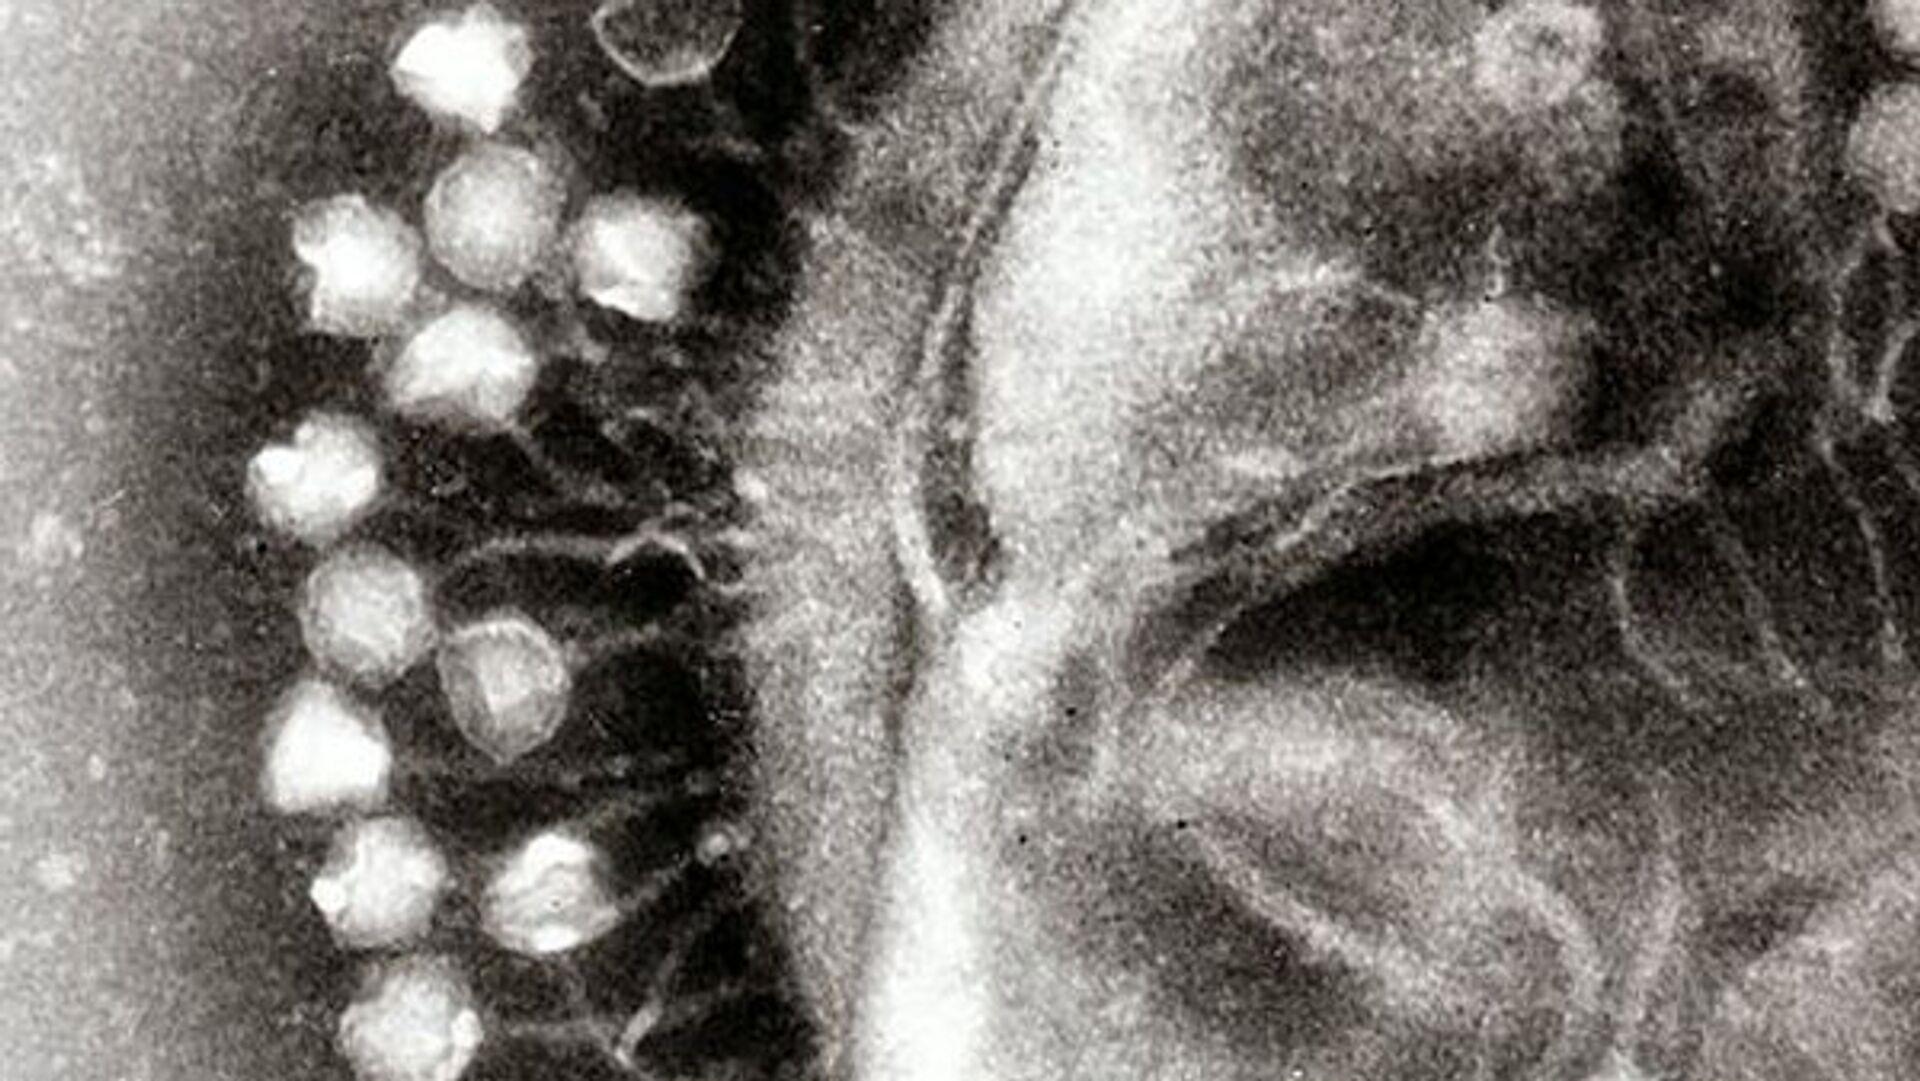 Ученые обнаружили 140 тысяч видов вирусов в кишечнике человека